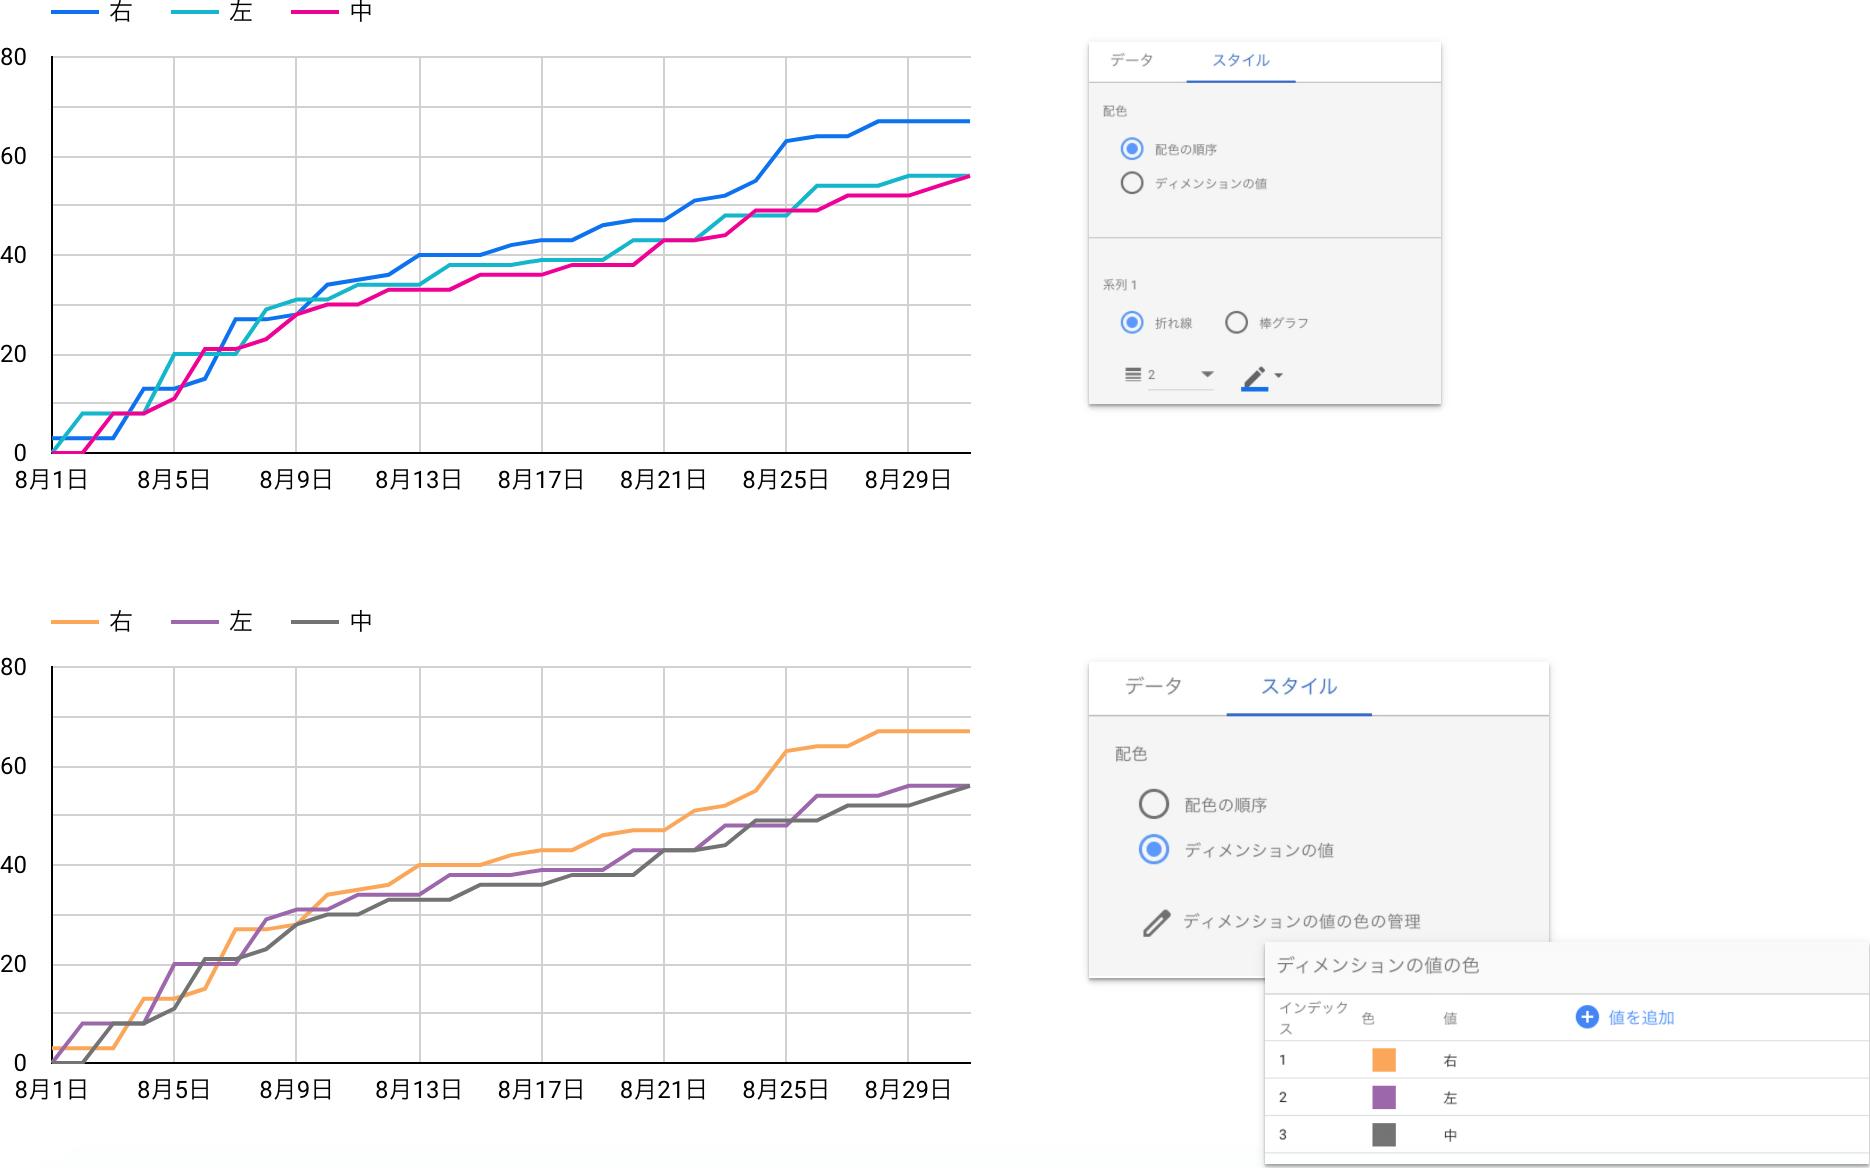 【Googleデータポータル】グラフの「色」設定指定を使いこなして効率化